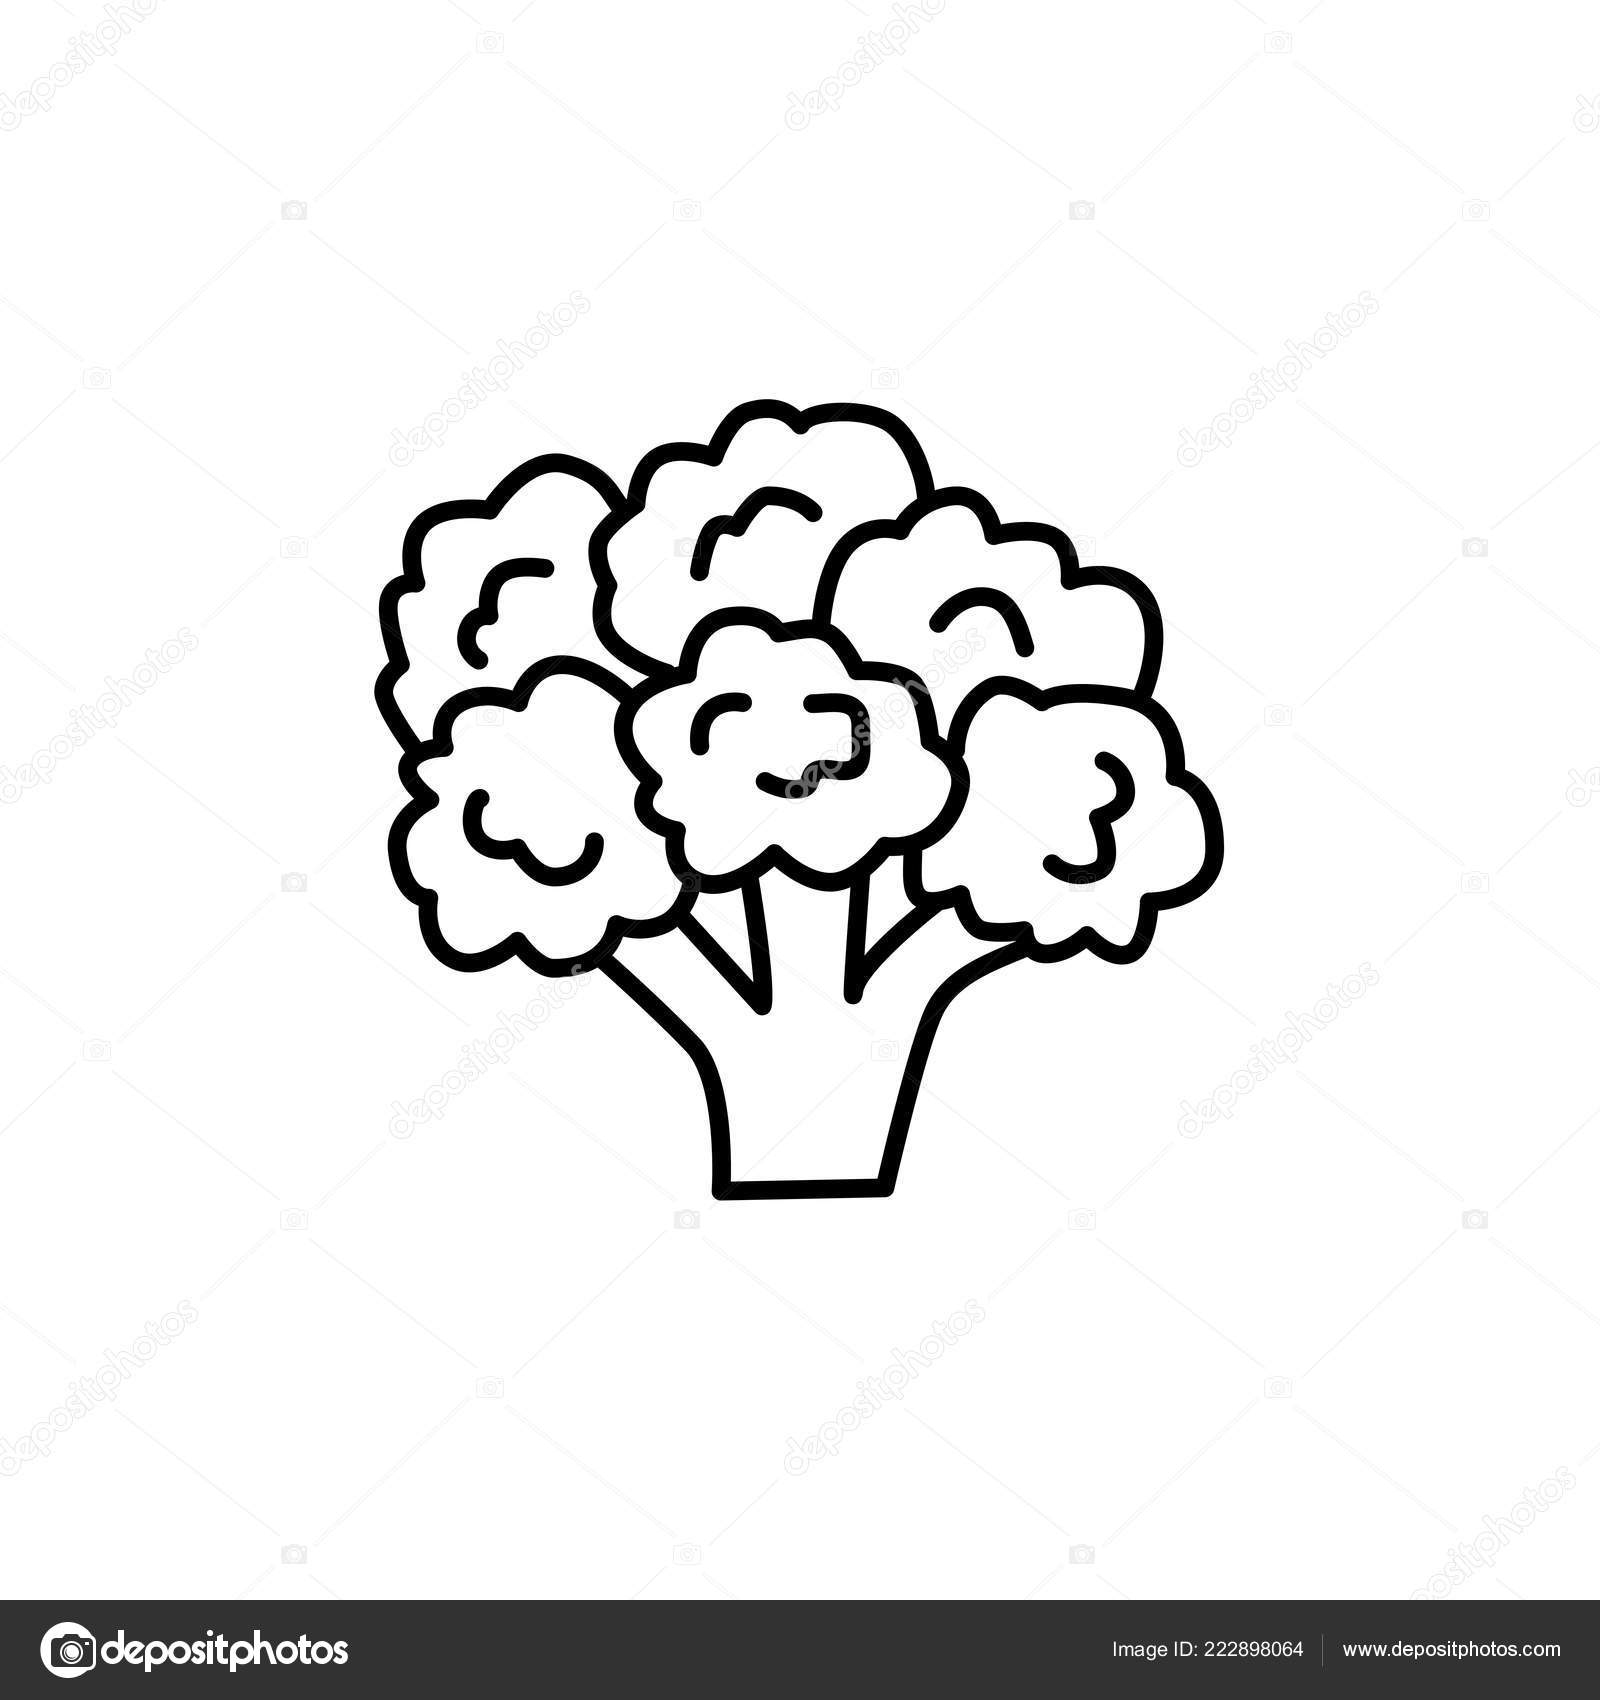 vector vegetable black and white black white vector illustration flowering head broccoli vegetable line icon stock vector c milta 222898064 https depositphotos com 222898064 stock illustration black white vector illustration flowering html